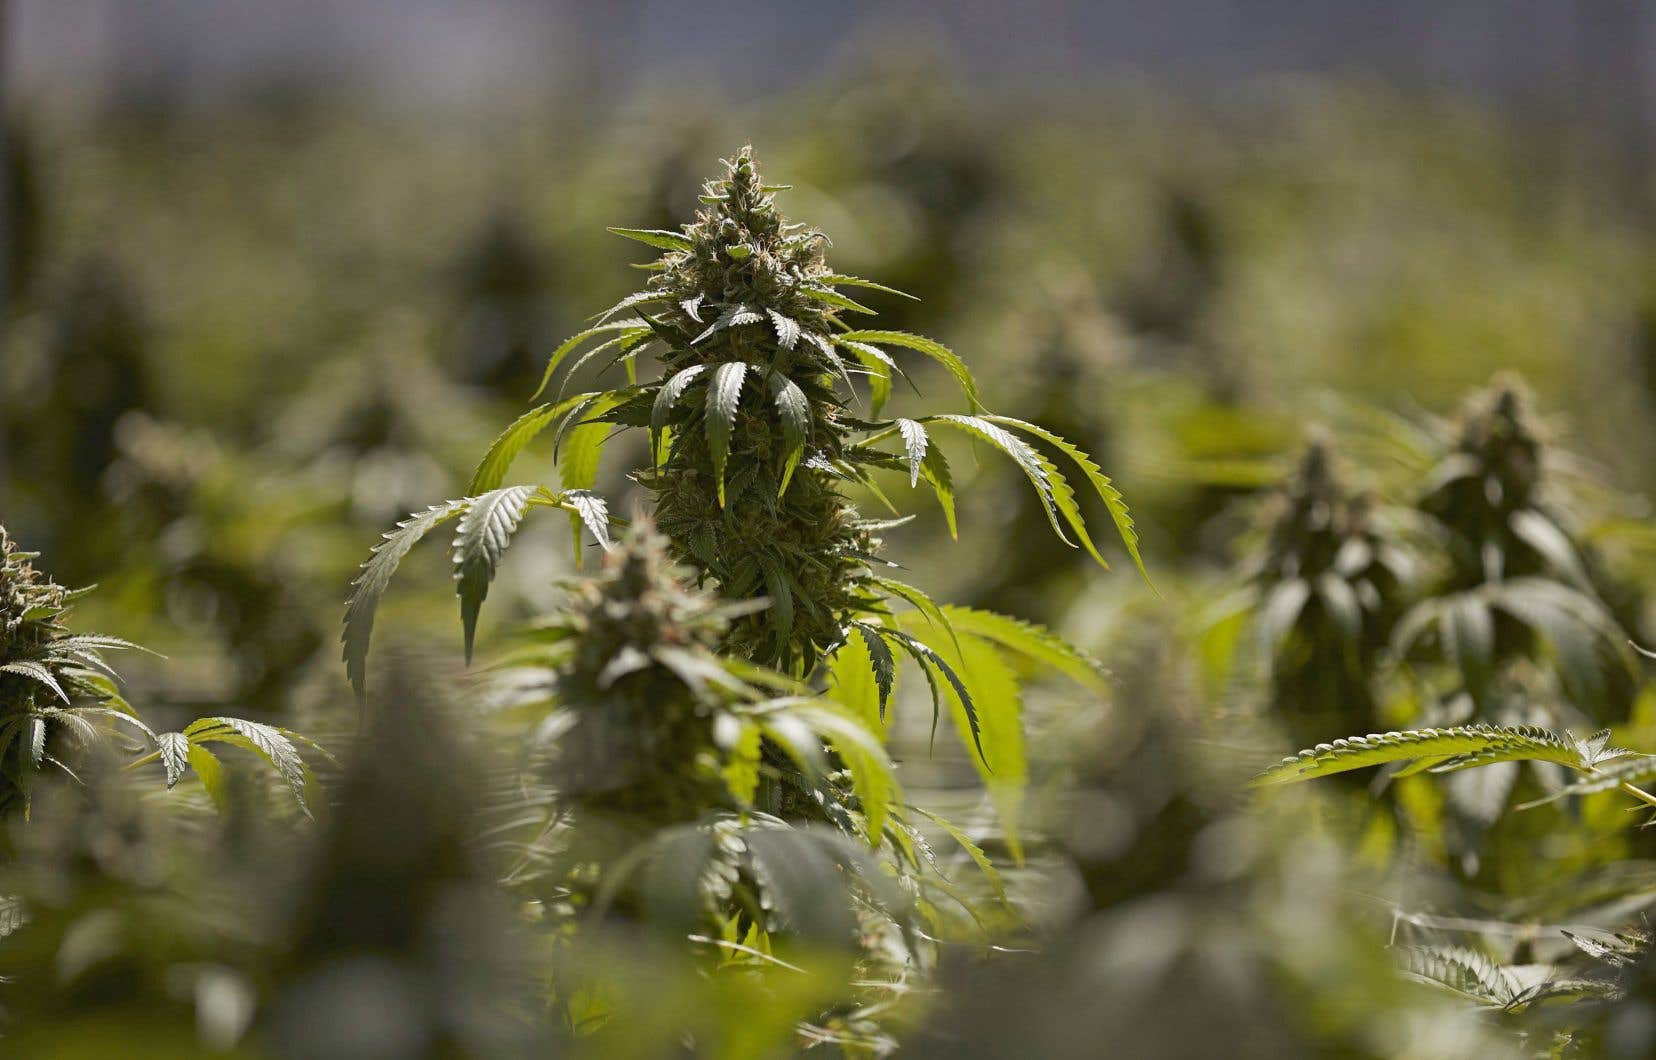 Le Michigan et le Dakota du Nord profitent entre autres de ce tour de scrutin pour soumettre à leurs électeurs une proposition de légalisation du cannabis à des fins récréatives.